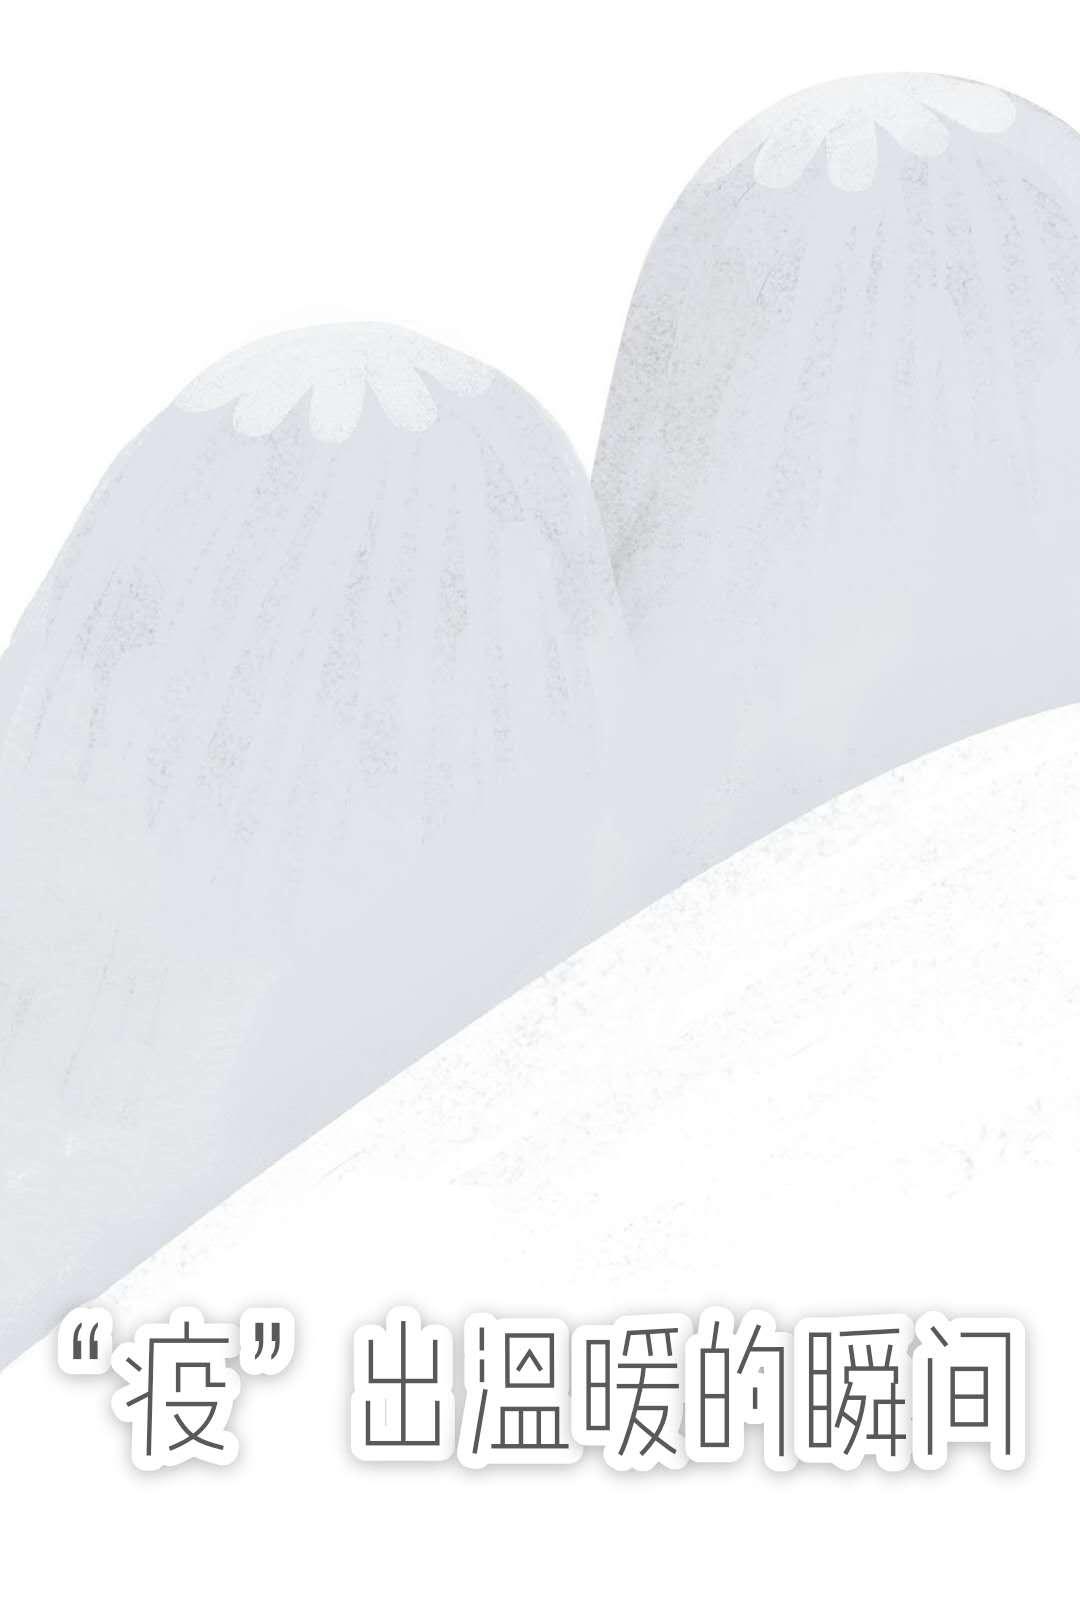 微信图片_20200228201218.jpg